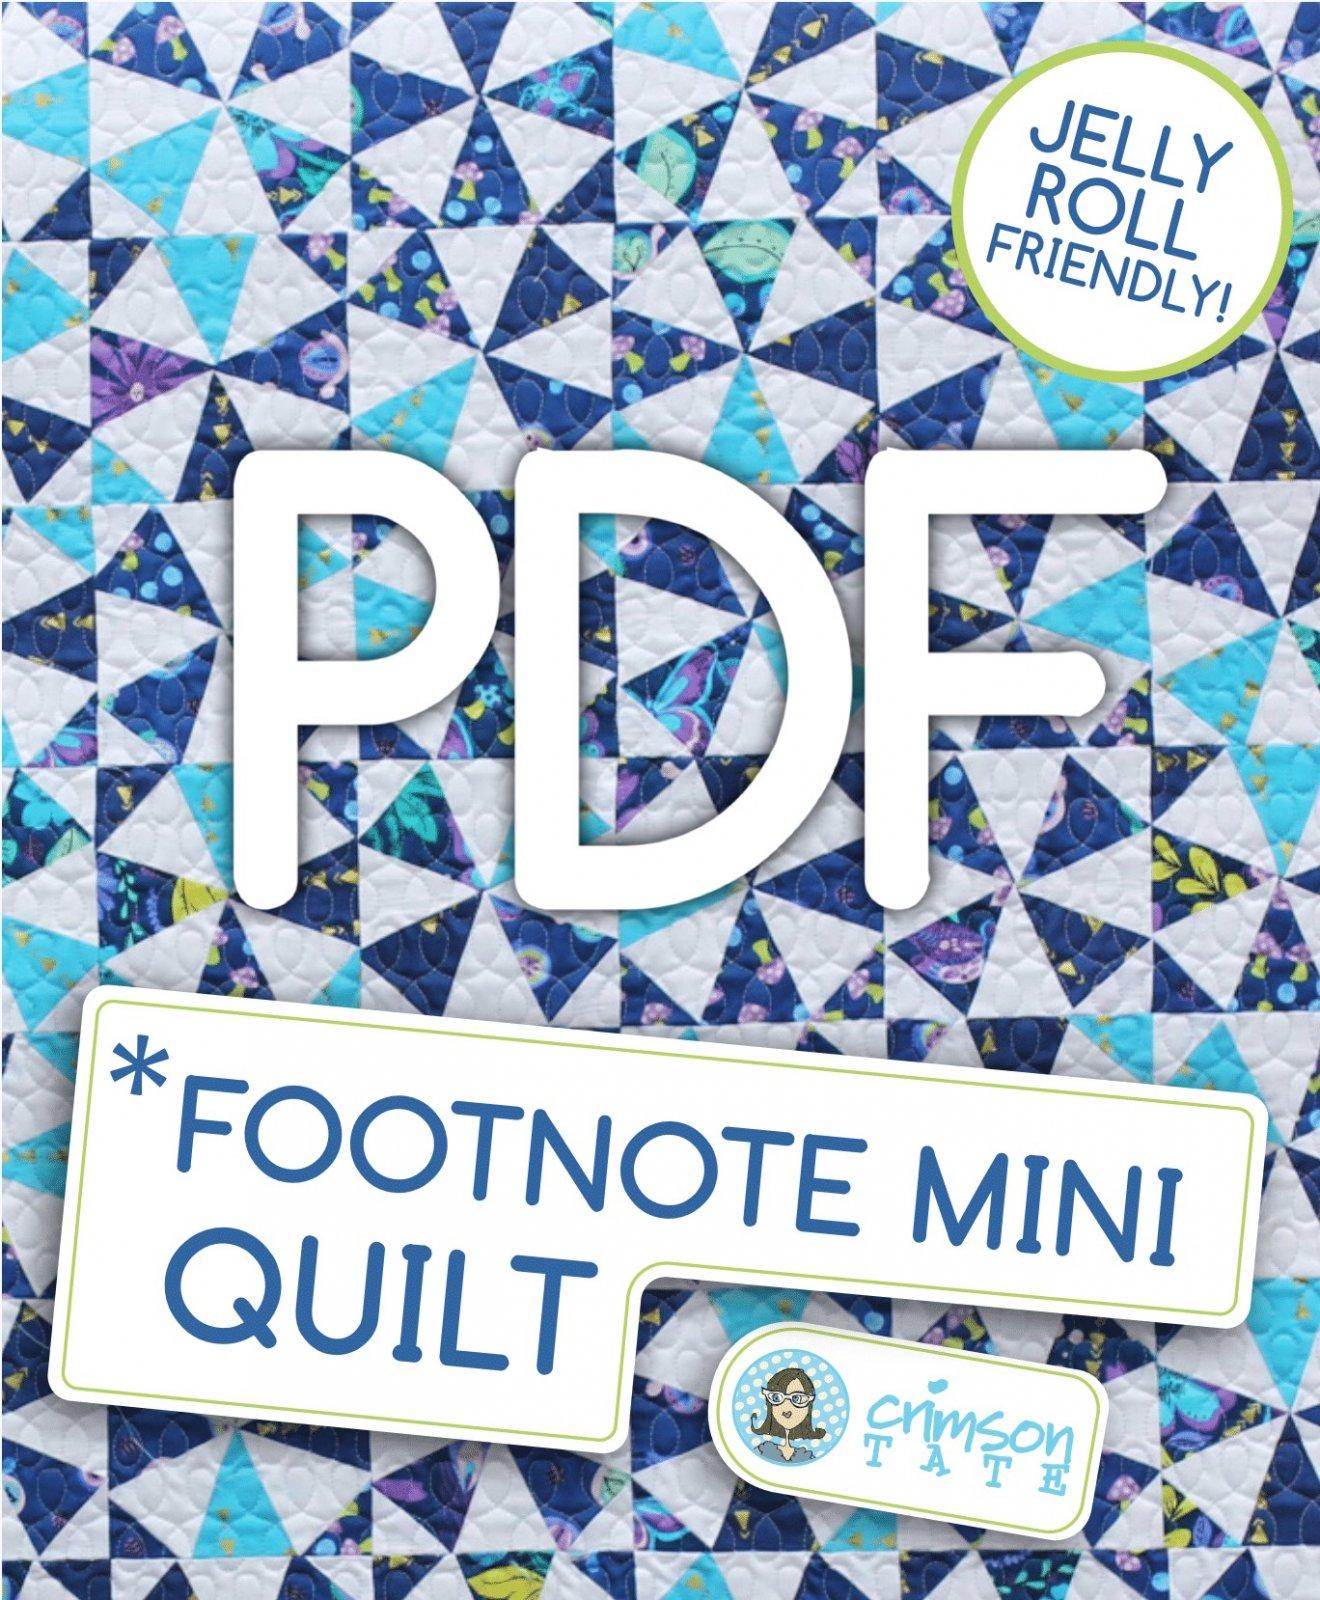 Footnote Mini Quilt Pattern (PDF Download)